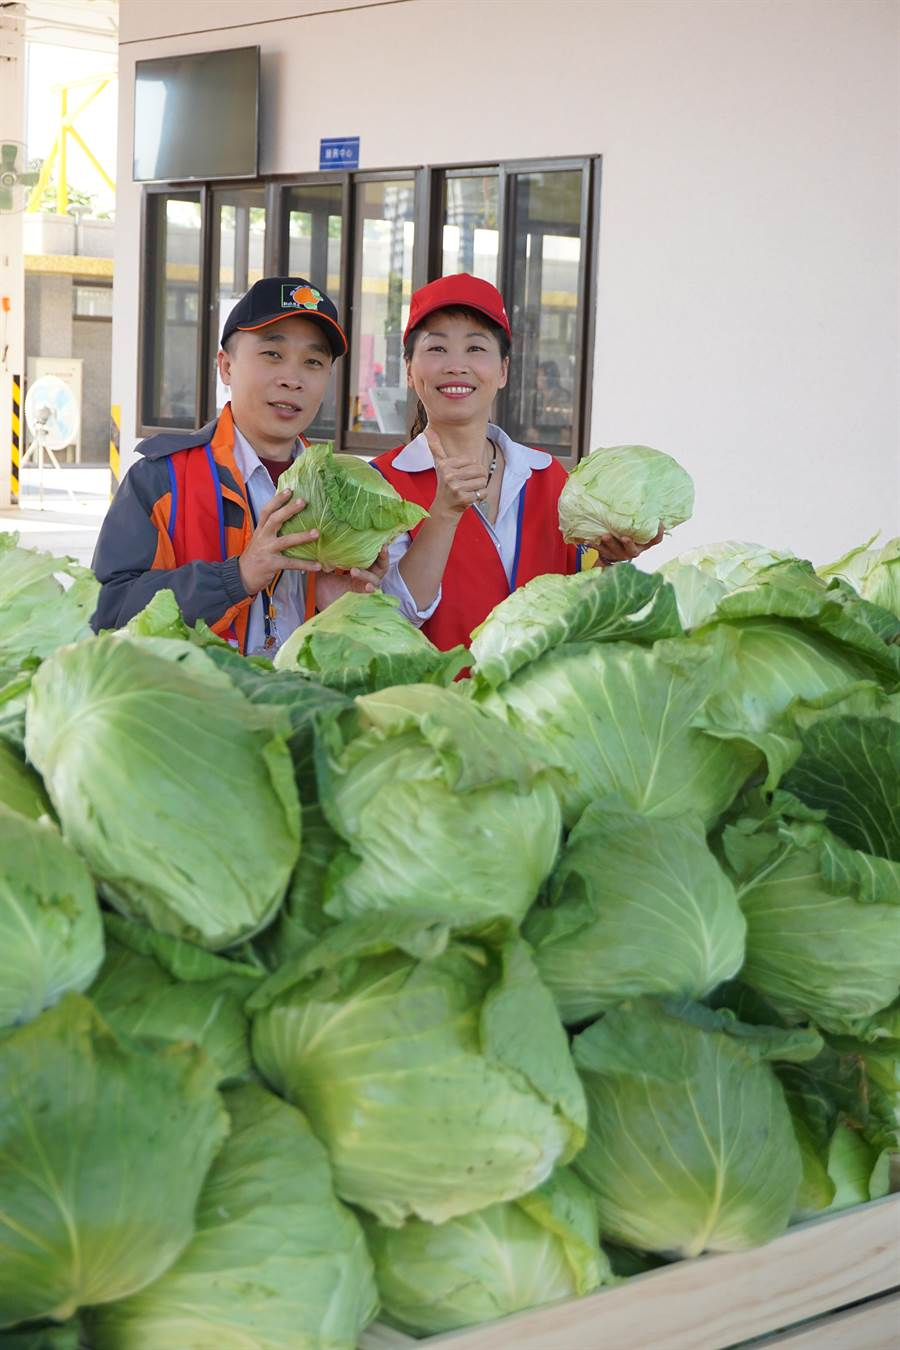 新北市政府特別責成新北果菜公司,緊急與產地聯繫,由果菜公司先行針對盛產蔬菜,擴大直銷。(葉書宏翻攝)